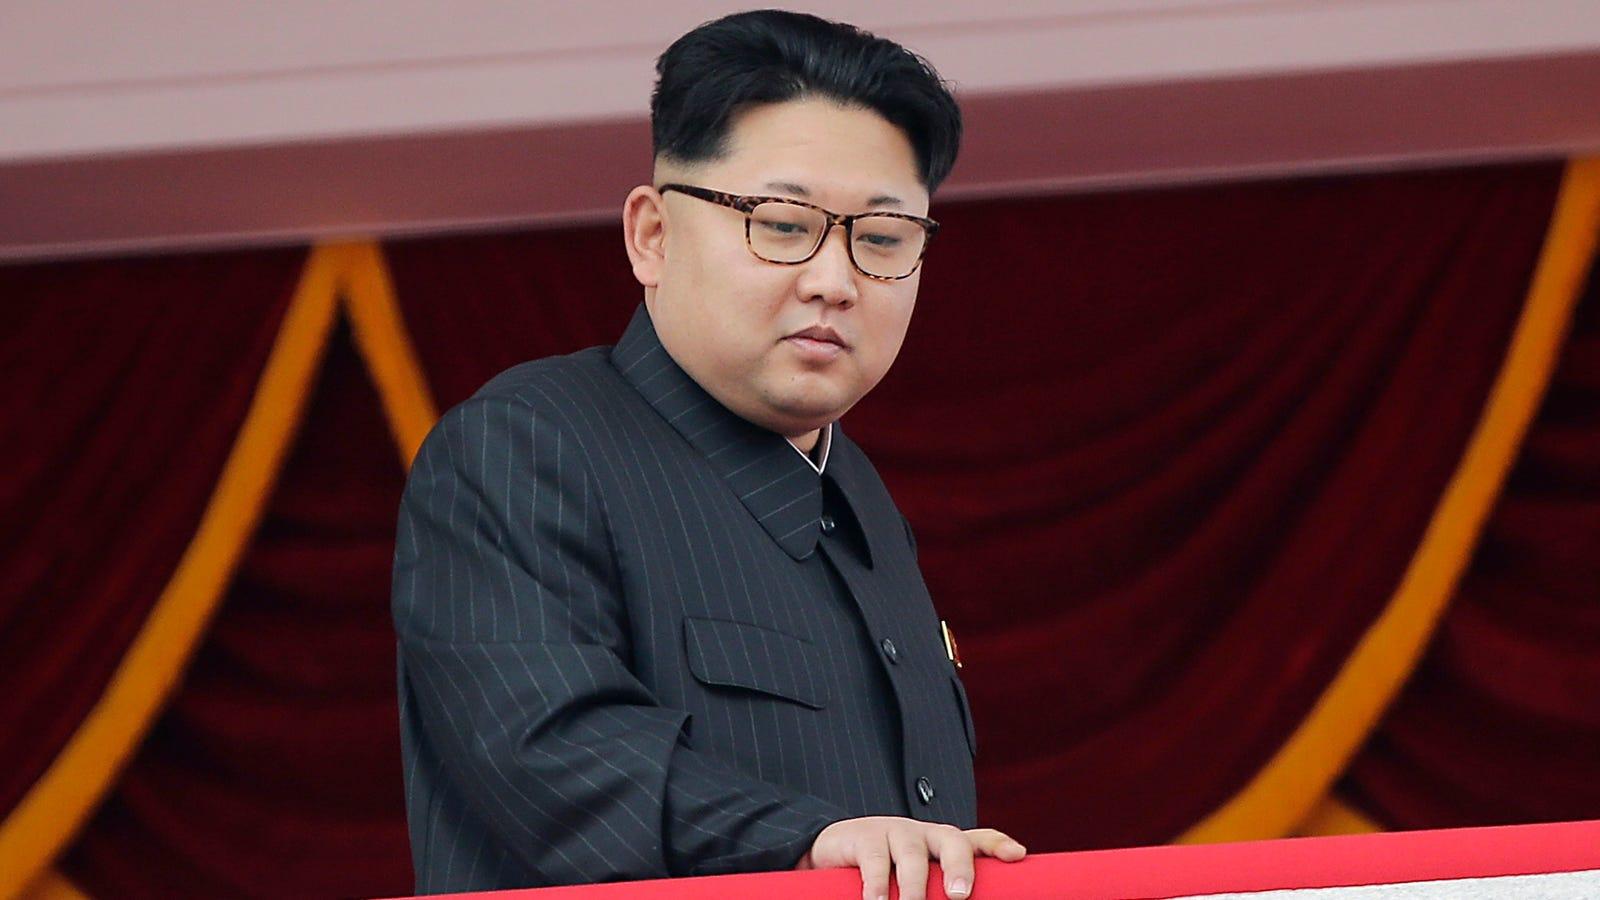 La élite de Corea del Norte se ha vuelto en contra de Kim Jong-un, según un exembajador norcoreano